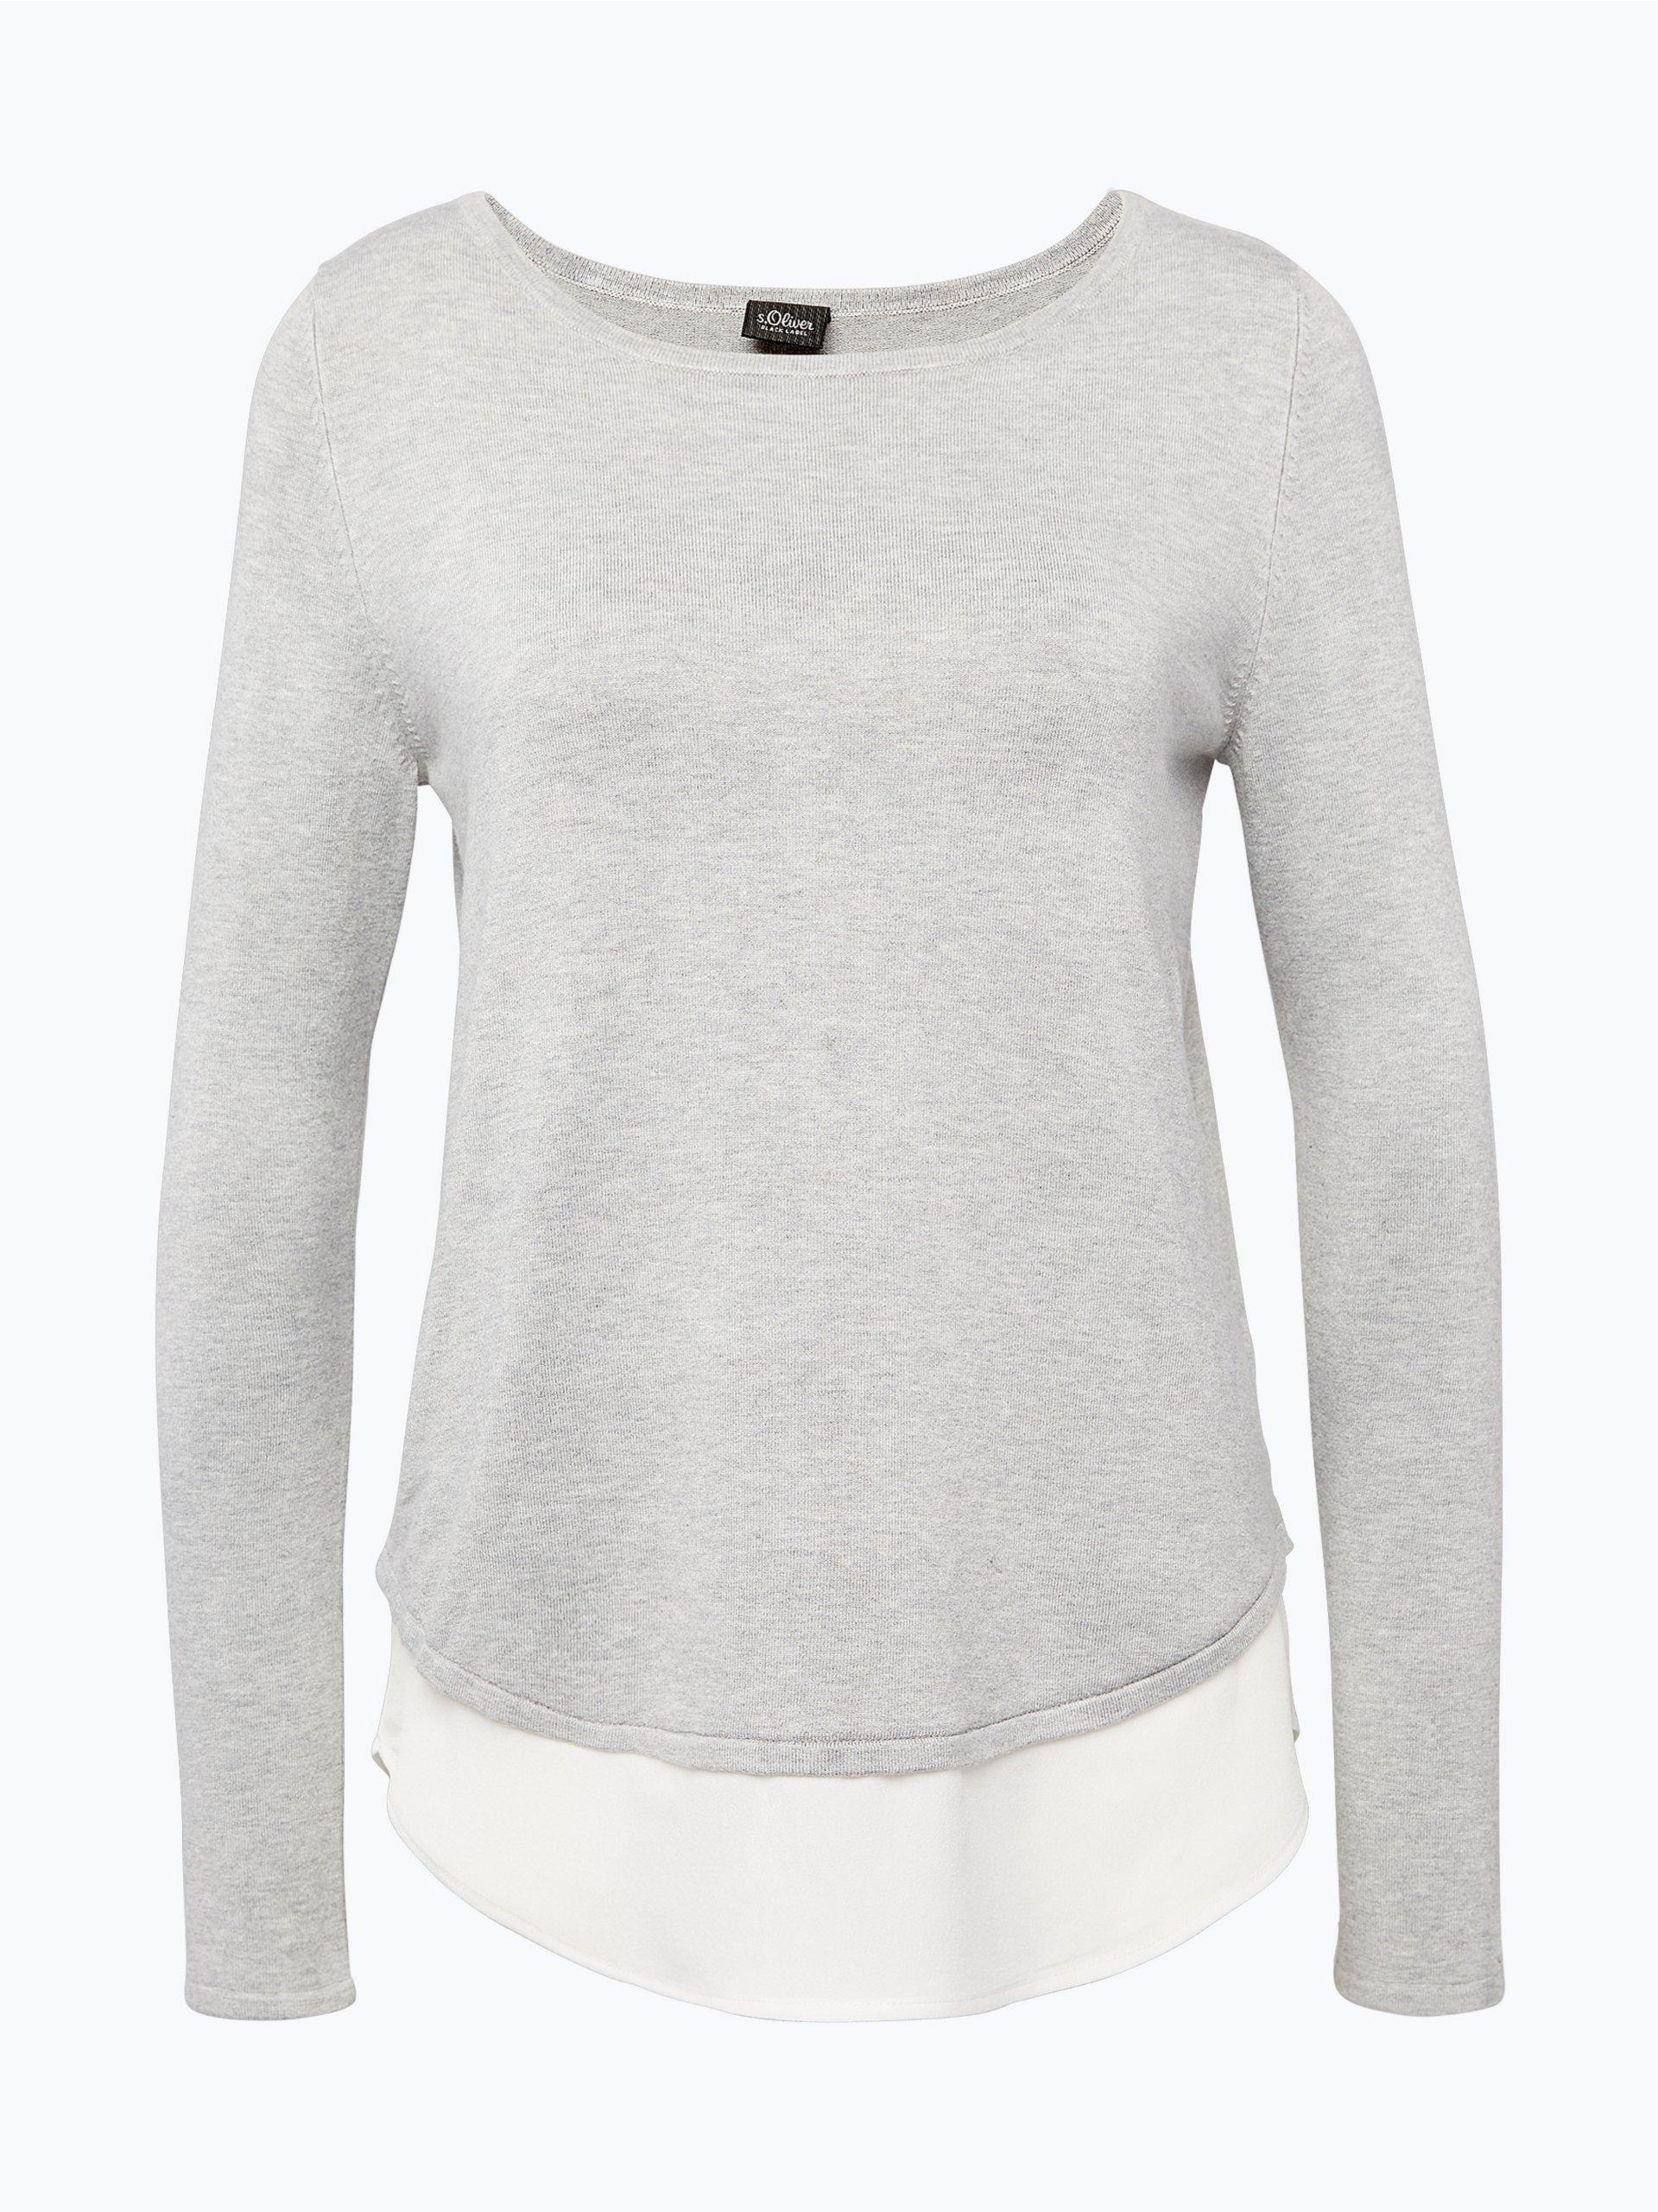 s oliver black label damen pullover grau uni online kaufen. Black Bedroom Furniture Sets. Home Design Ideas